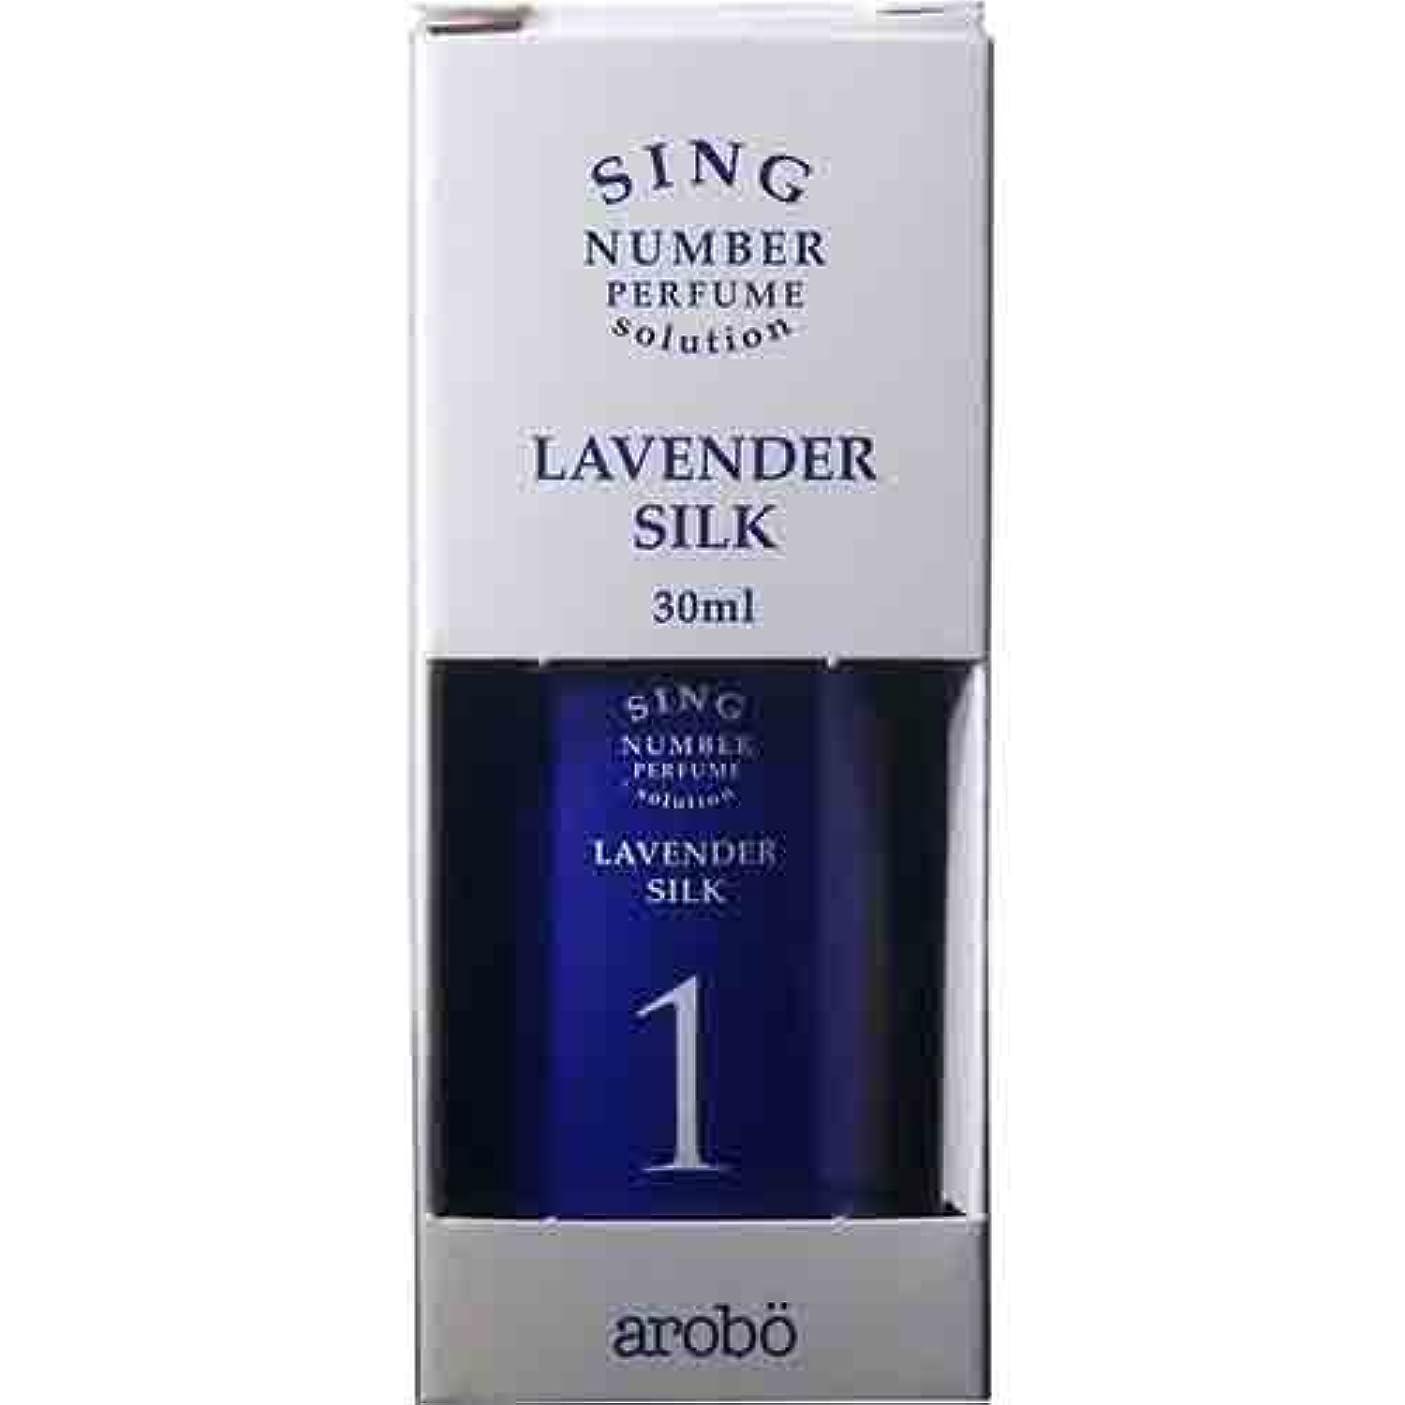 クスコ作物合理化arobo SING 空気洗浄器用ソリューション CLV-851 30mL ラベンダーシルク